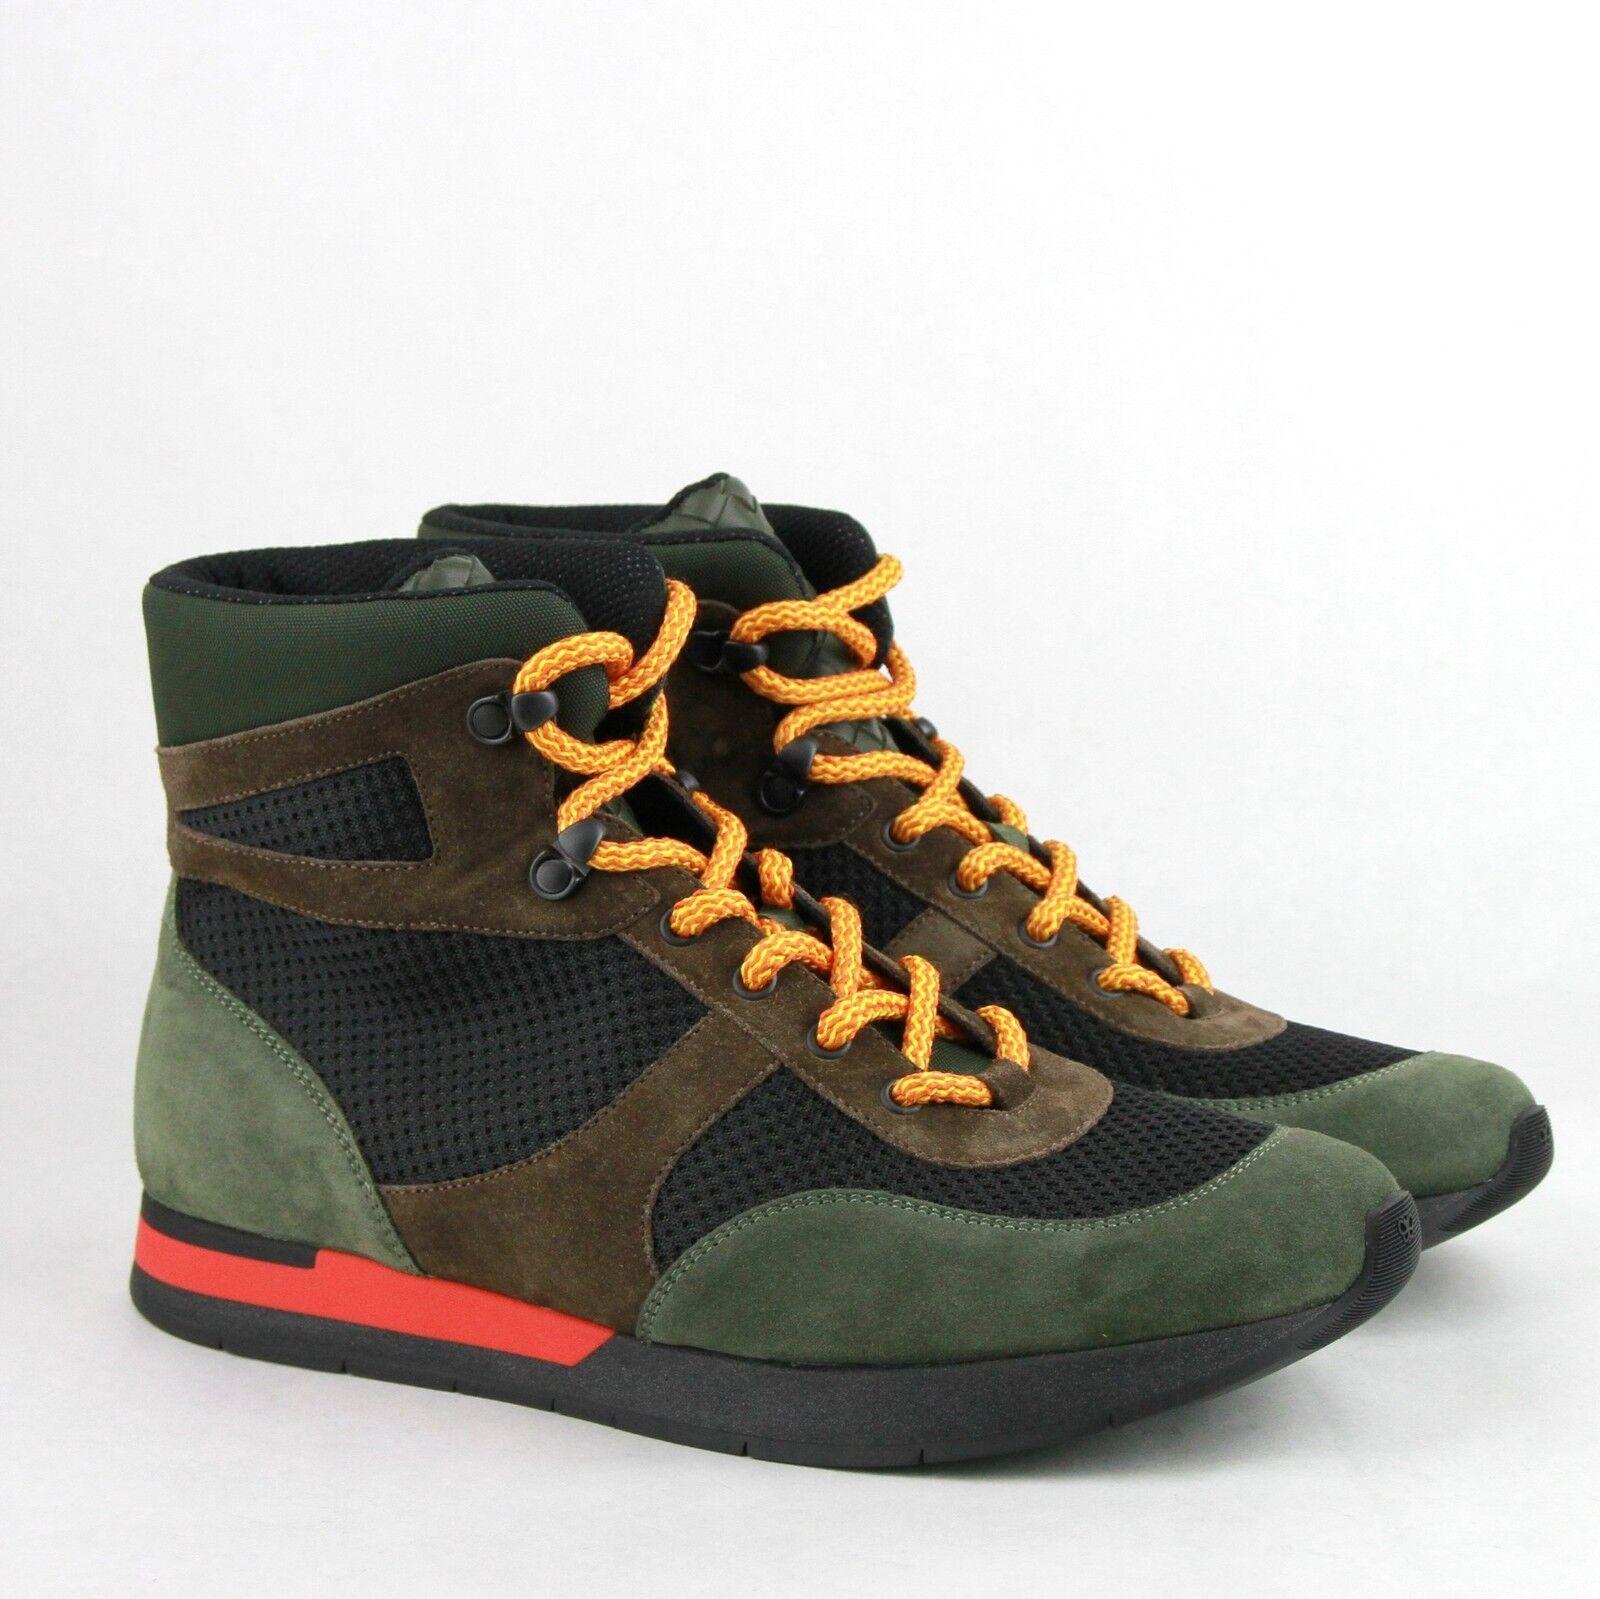 Bottega Veneta verde Marronee nero Suede Leather Mesh High Top Top Top scarpe da ginnastica 417024 3364 b13d26